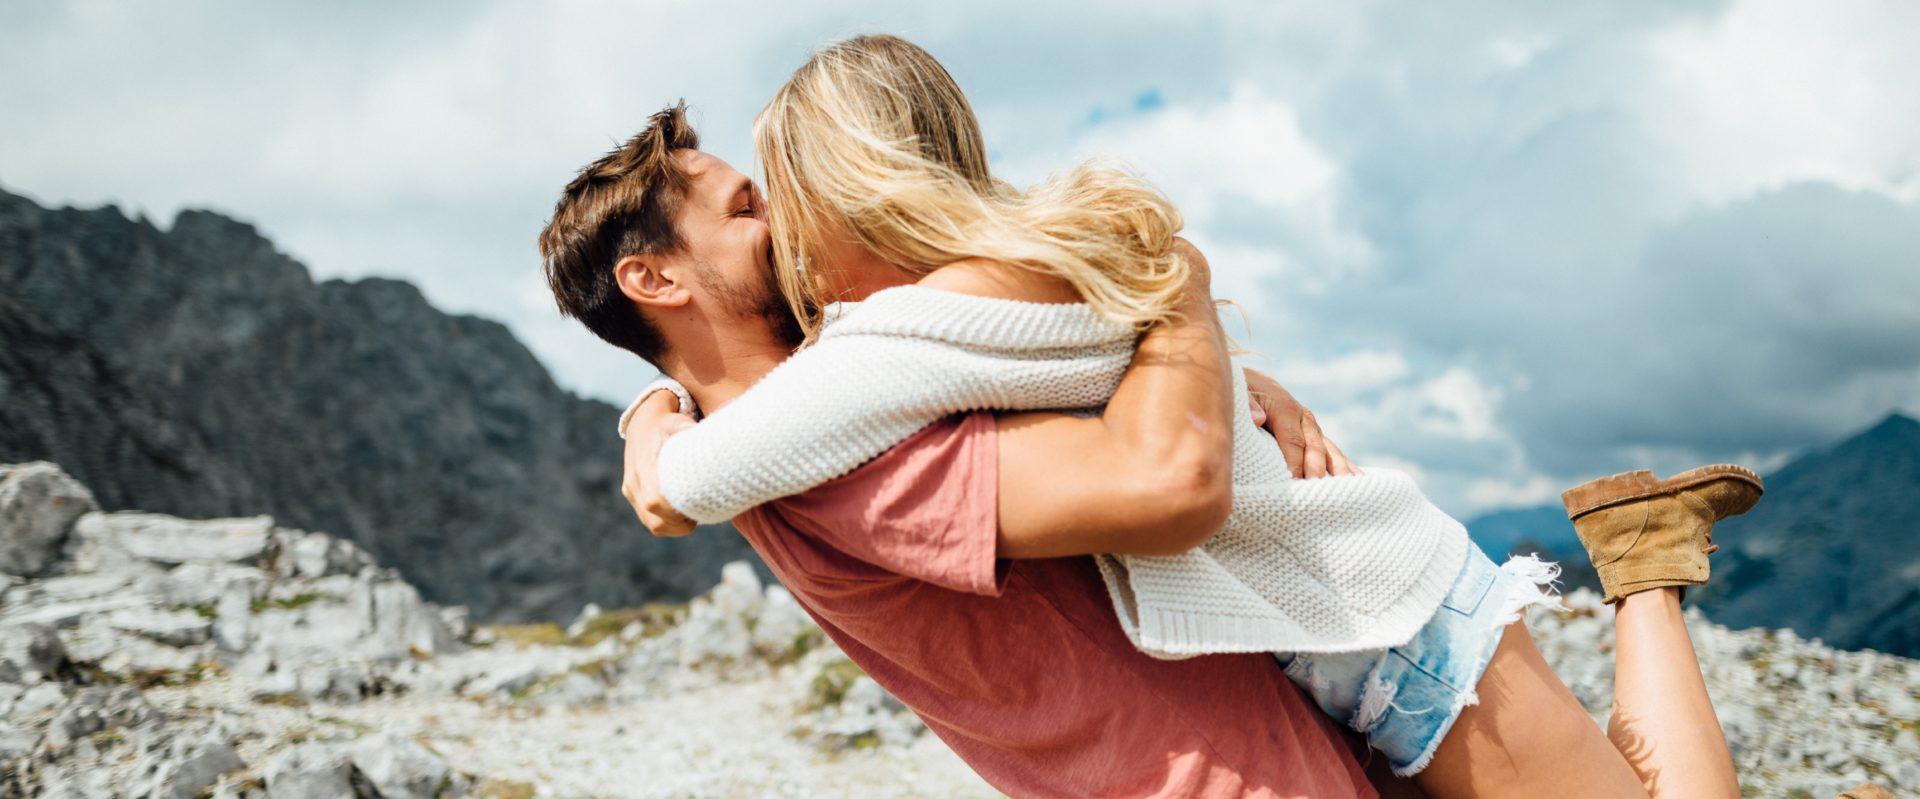 6 điều bạn có thể chưa biết về thị thực dành cho vợ/chồng tại Úc